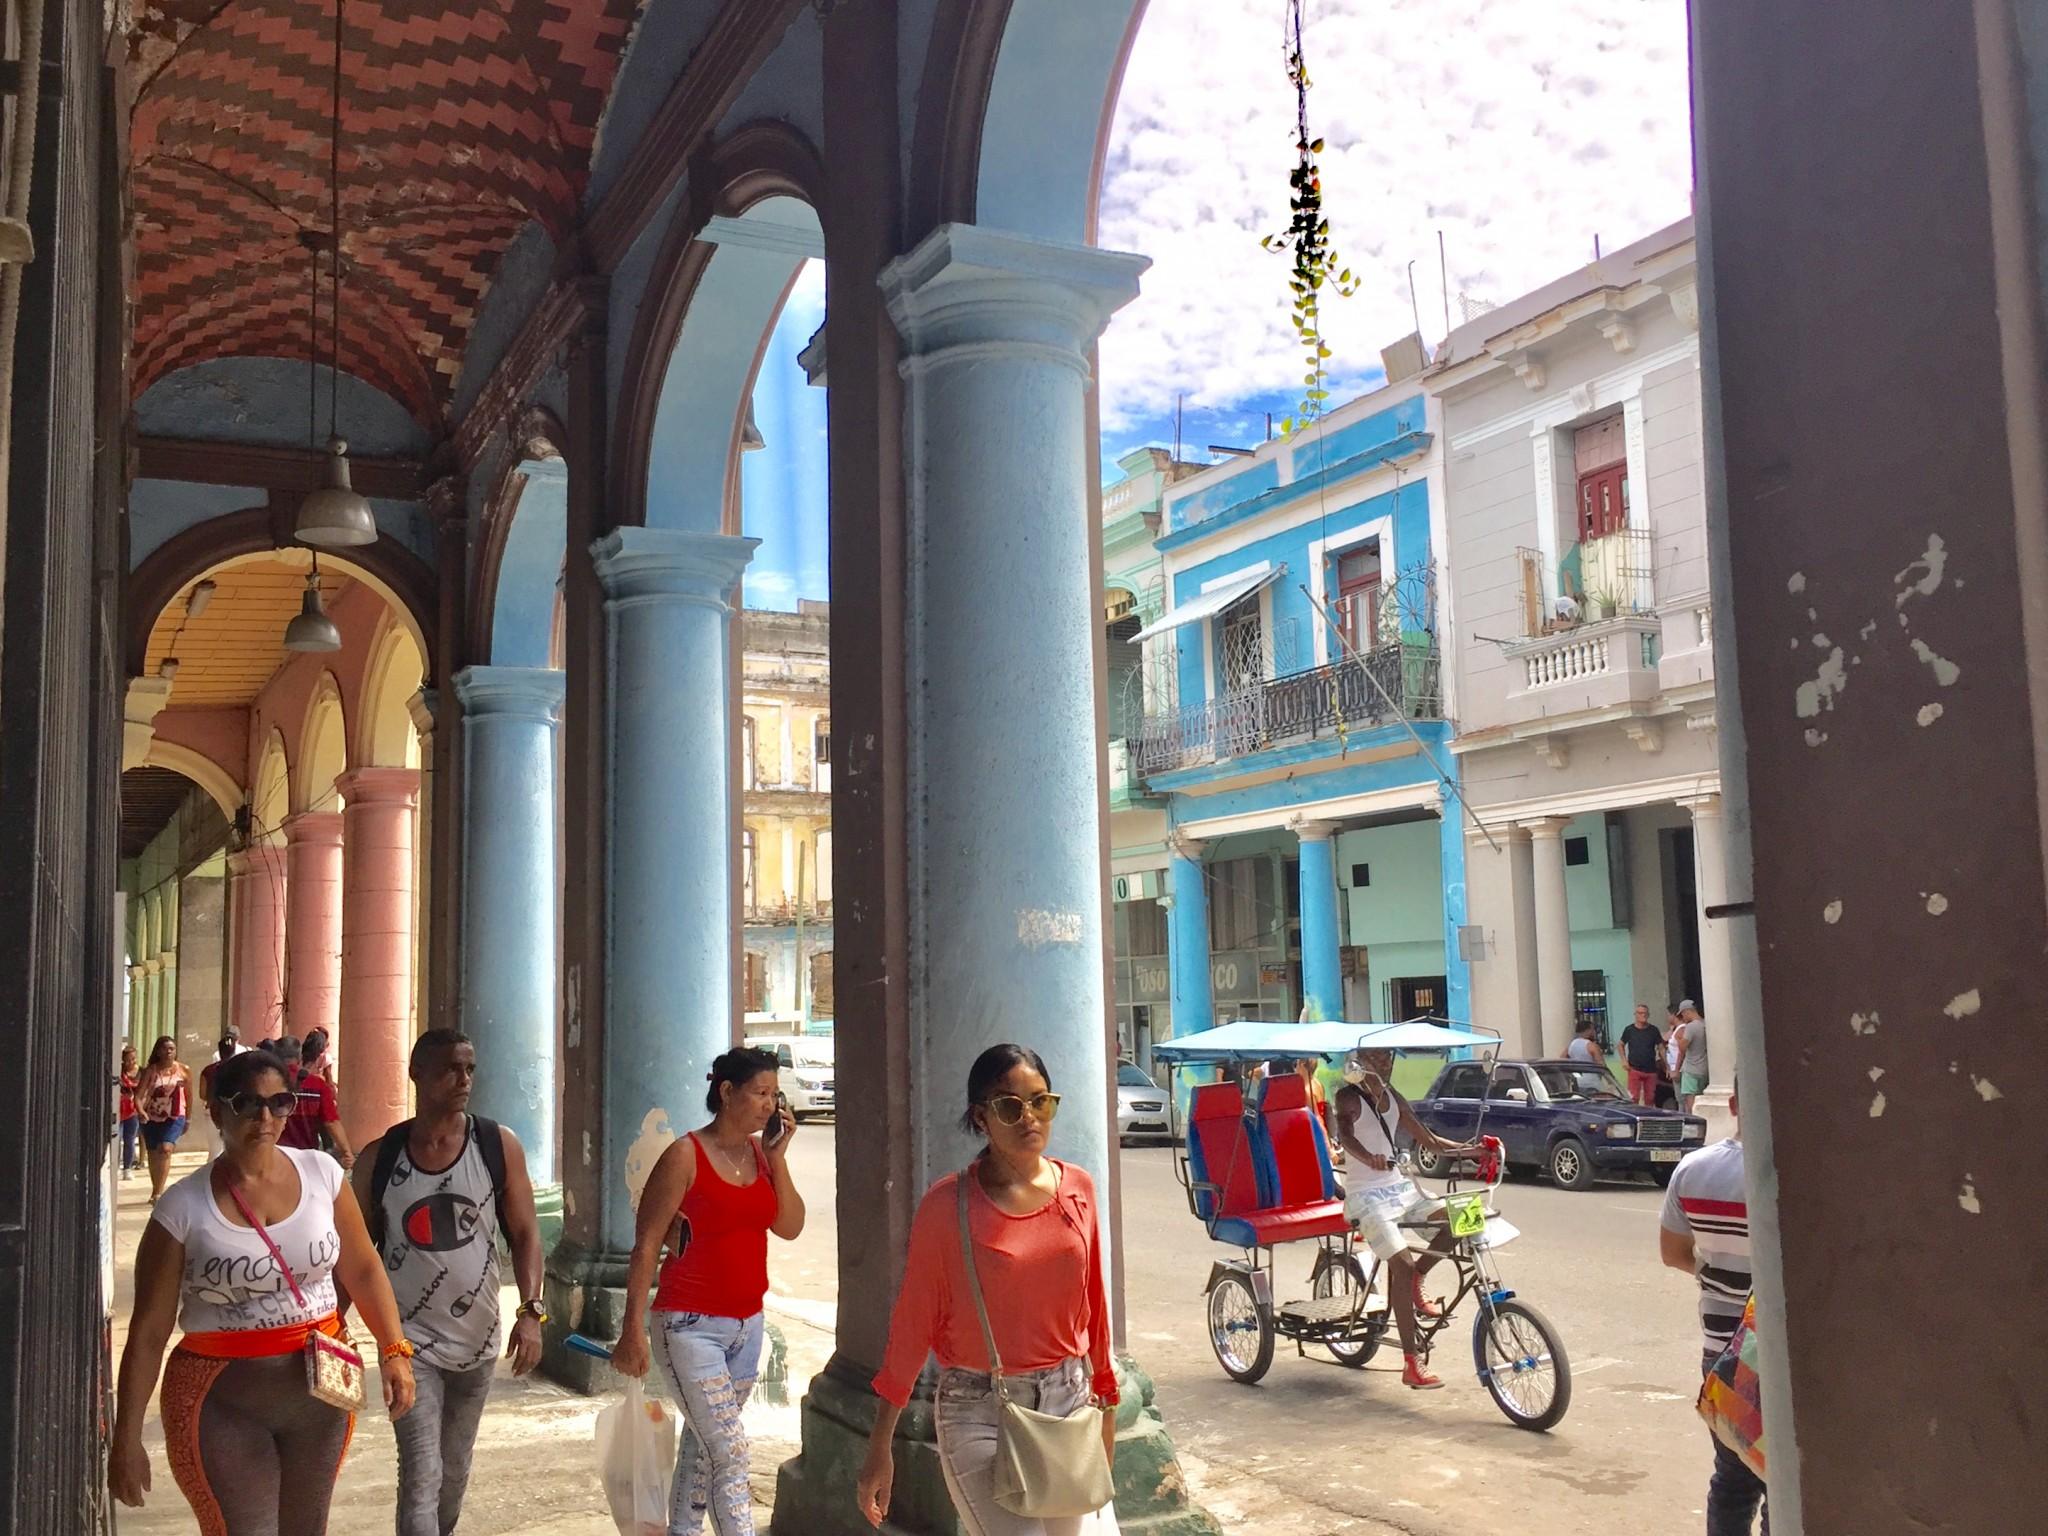 Kuba-Havanna-Centro-Arkaden-IMG-7996--bk